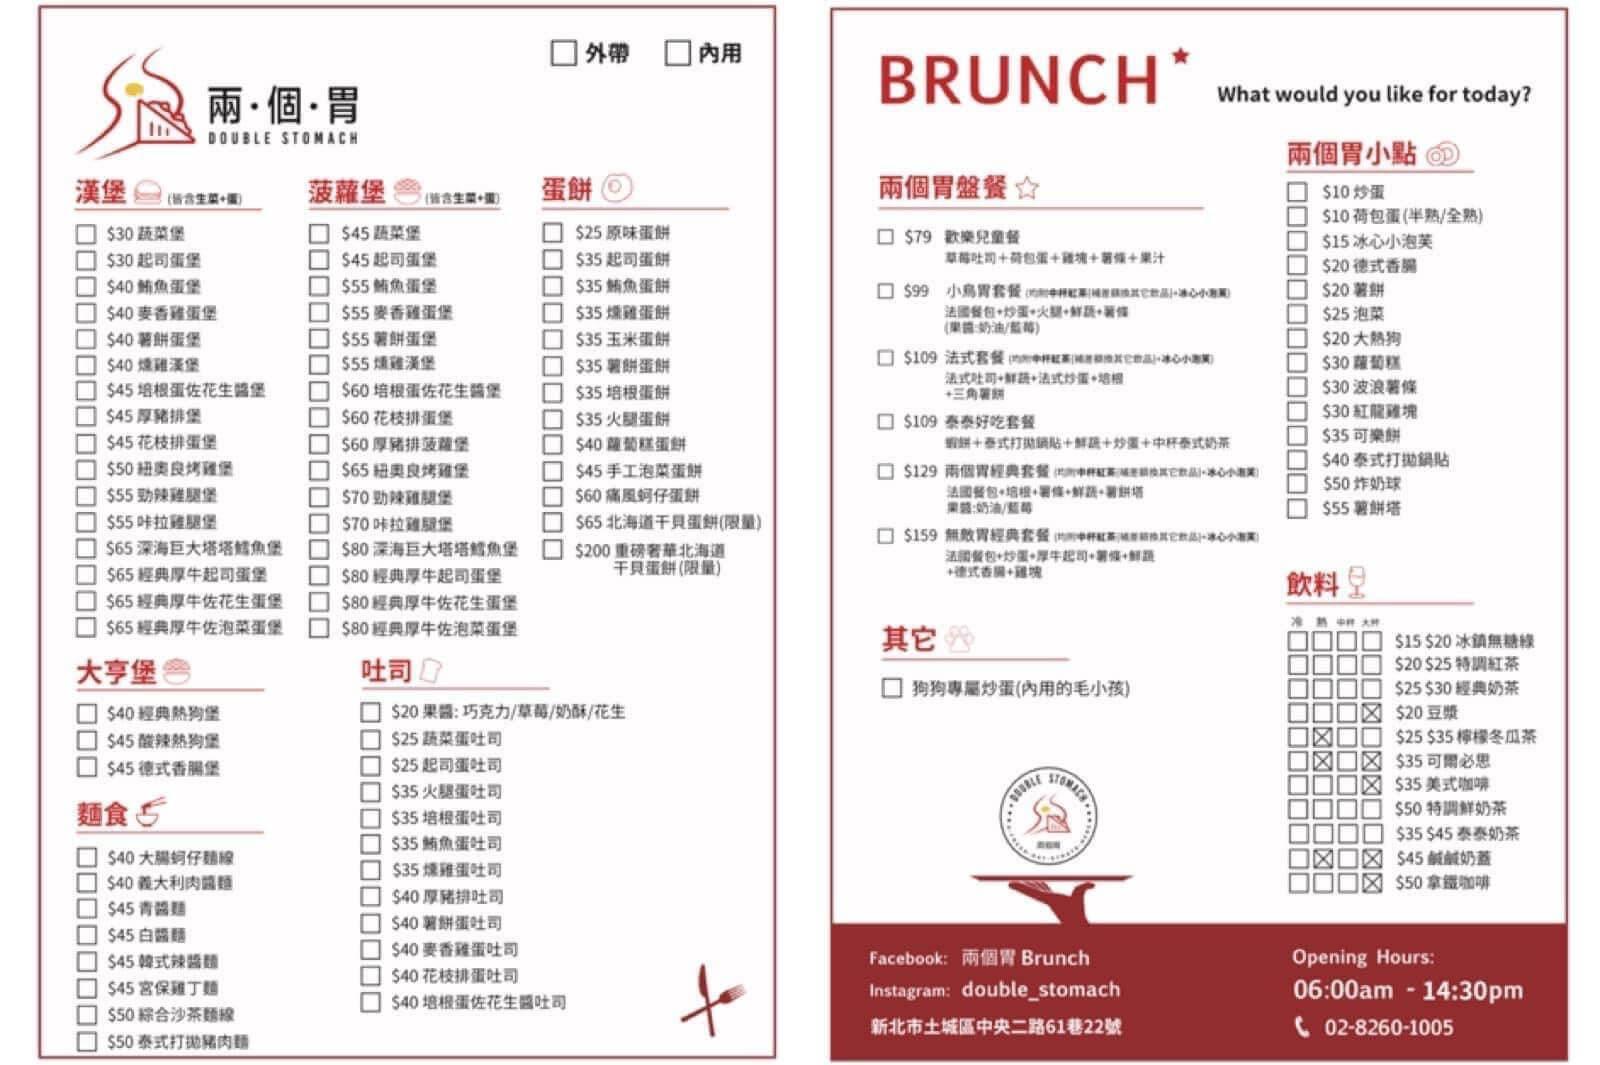 兩個胃brunch菜單MENU